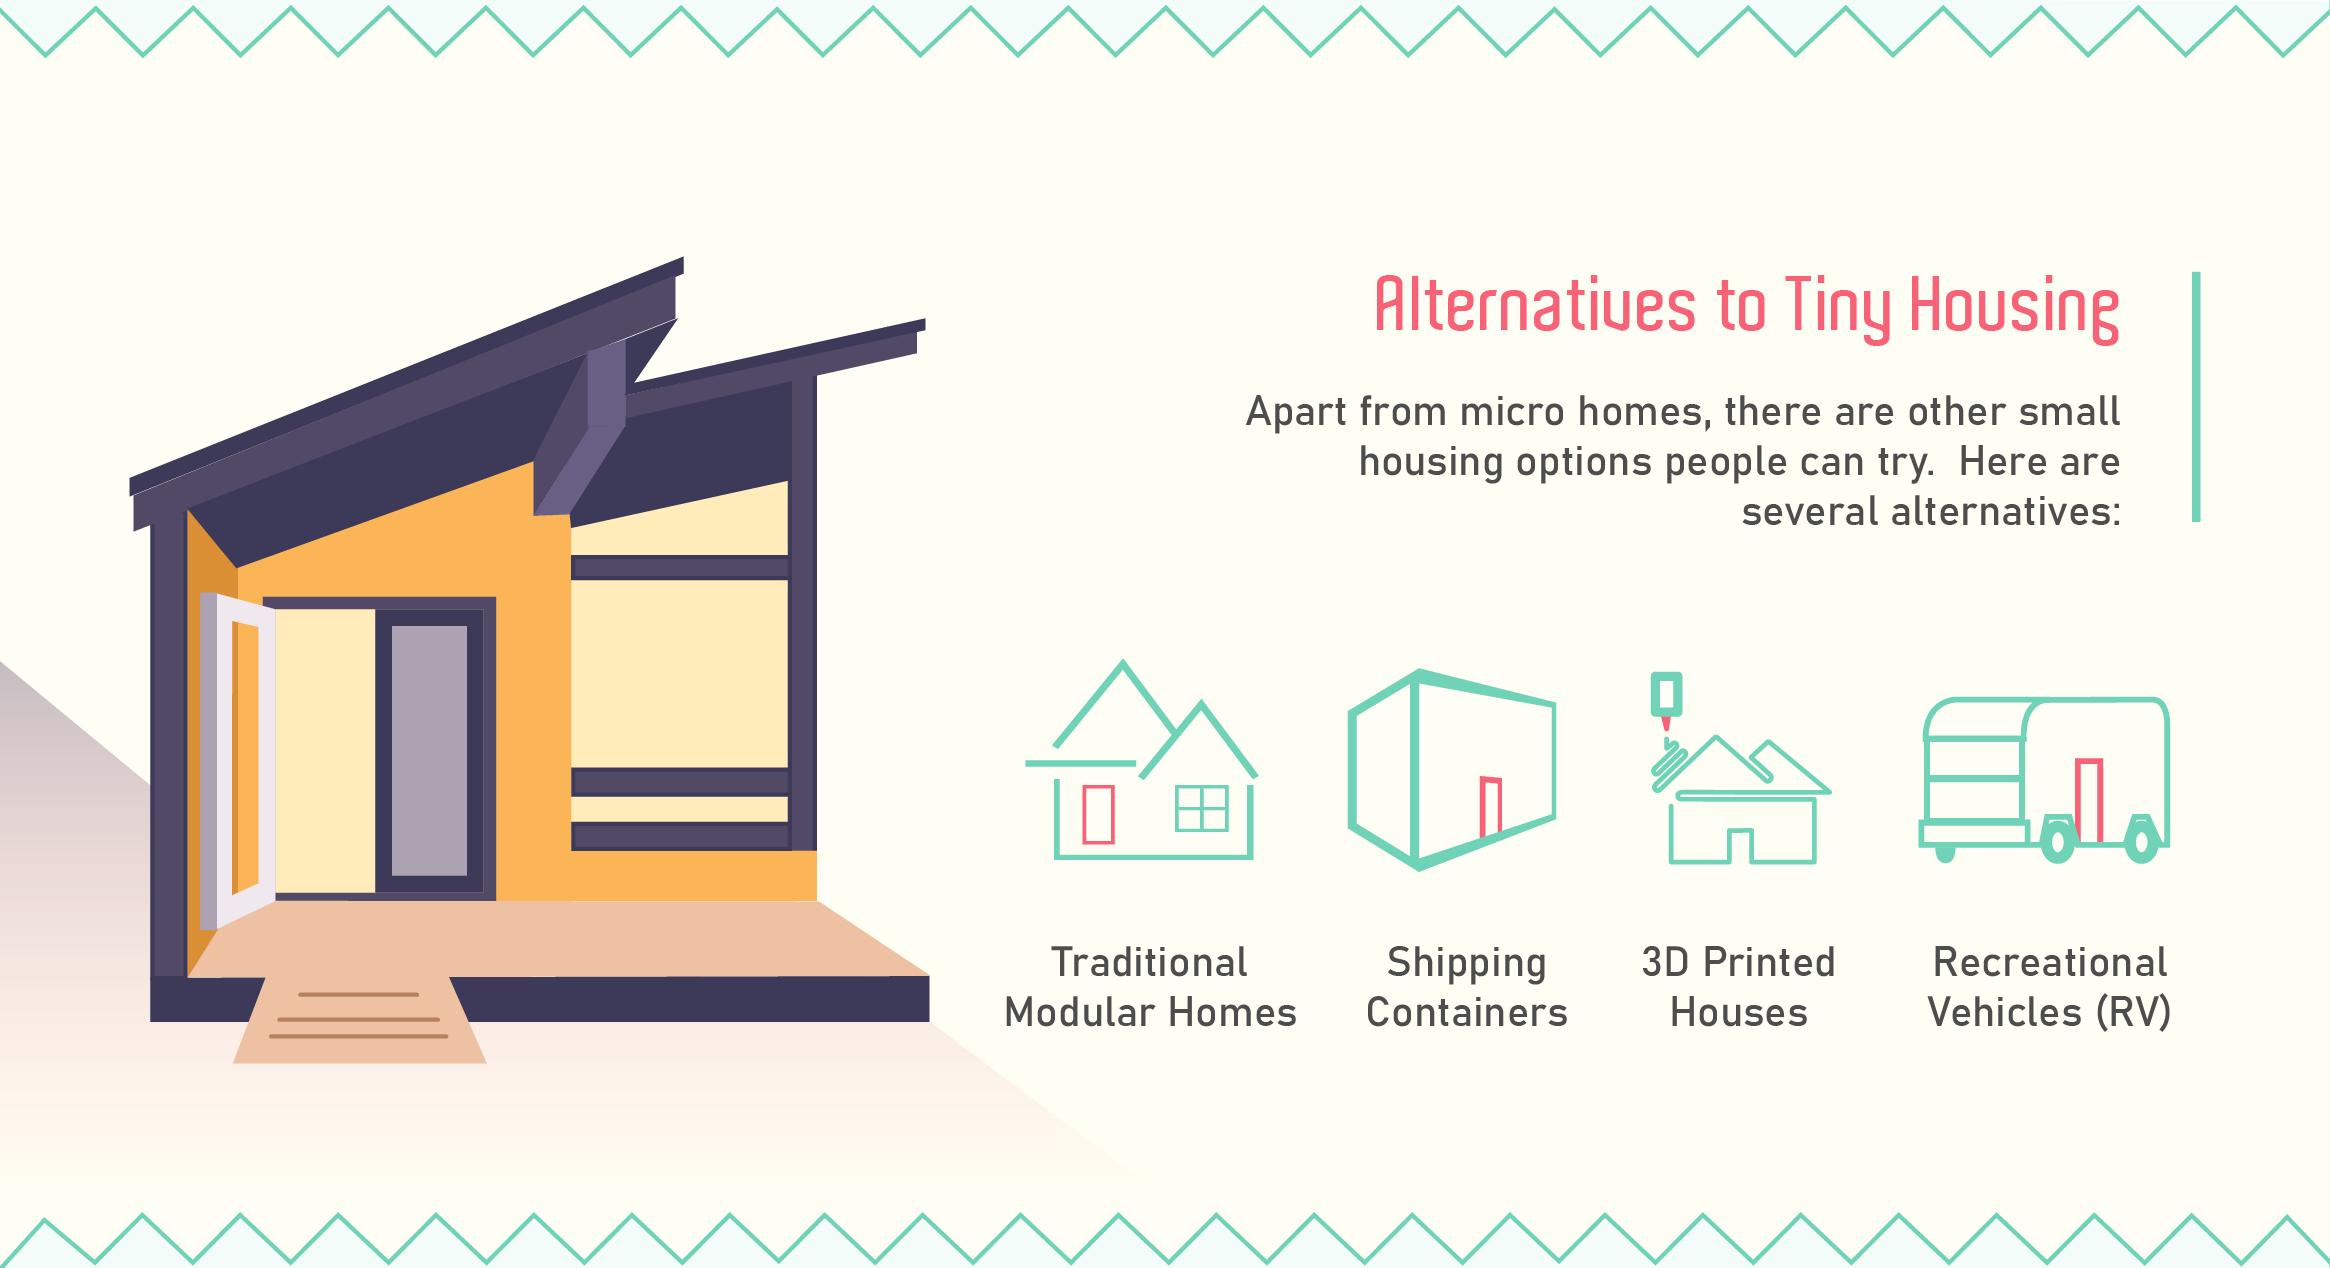 Alternatives to tiny housing